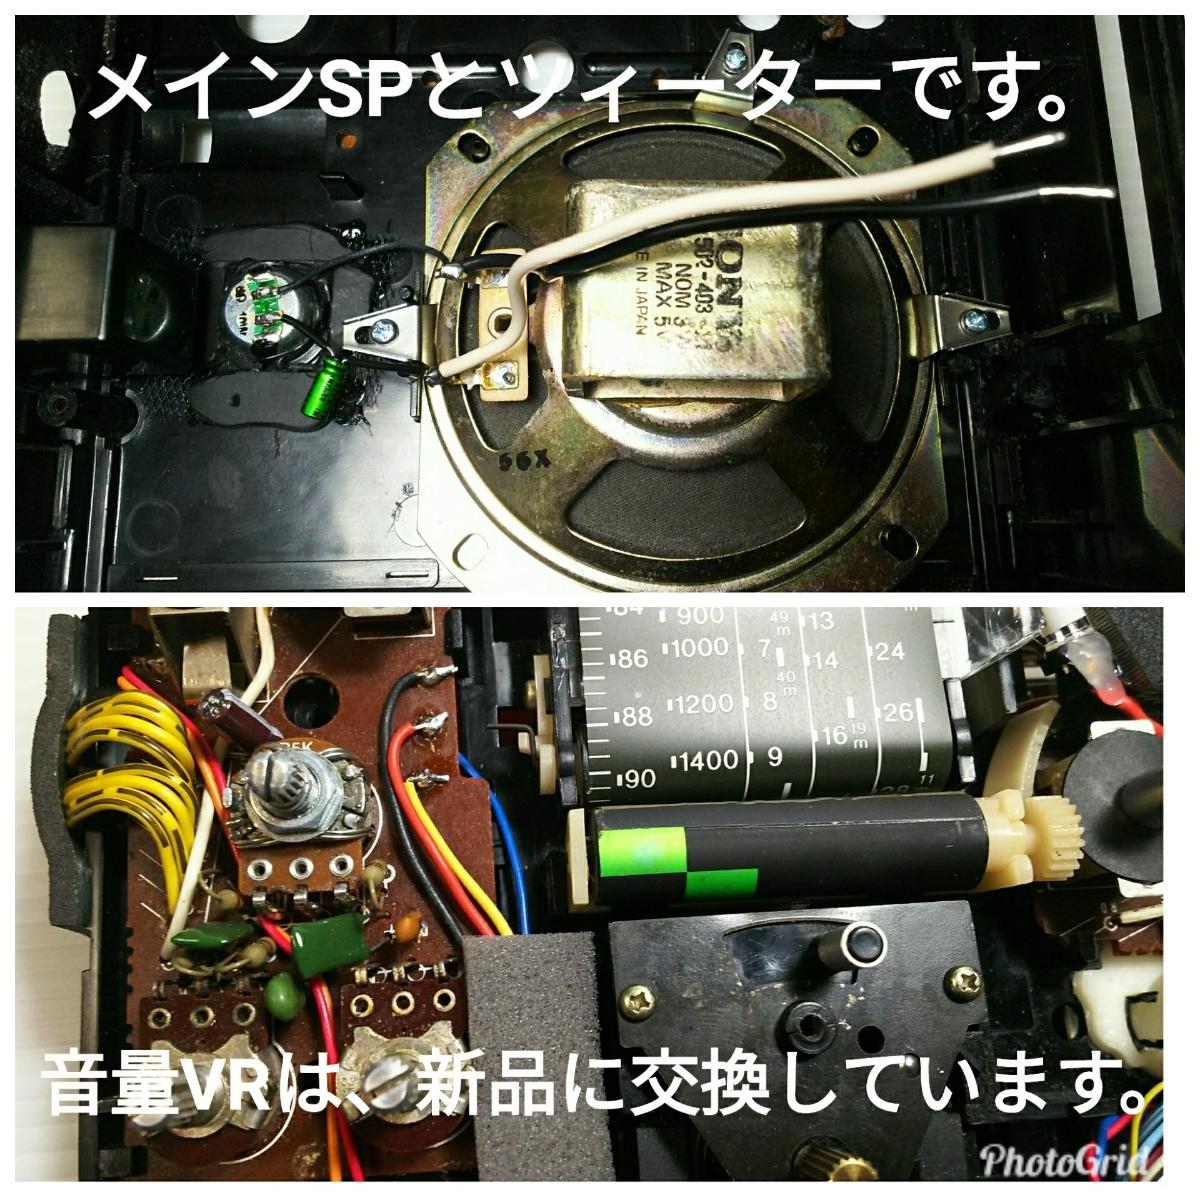 A☆美品☆整備 調整済みSONYスカイセンサーICF5800 5バンドレシーバーワイドFM対応76~93Mhz ツィーター搭載2WAYスピーカー _画像4